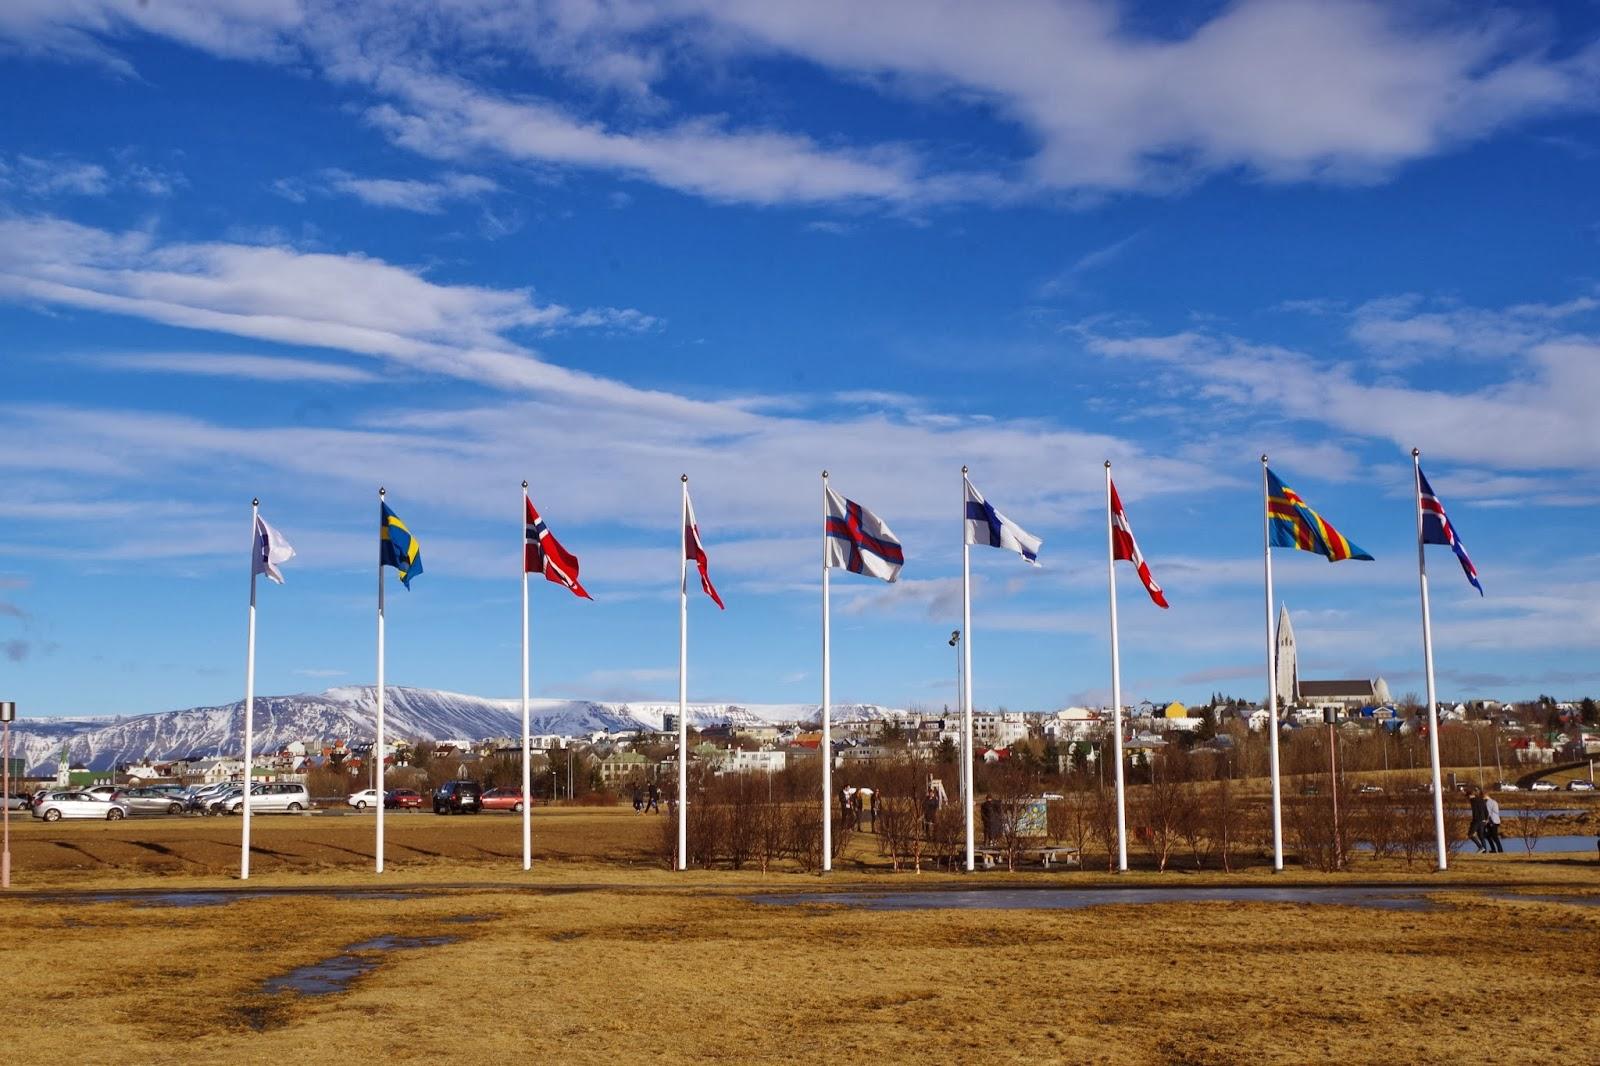 師匠と旅: 2013春アイスランド1:到着、アイスランド大学、ノルディックセンター